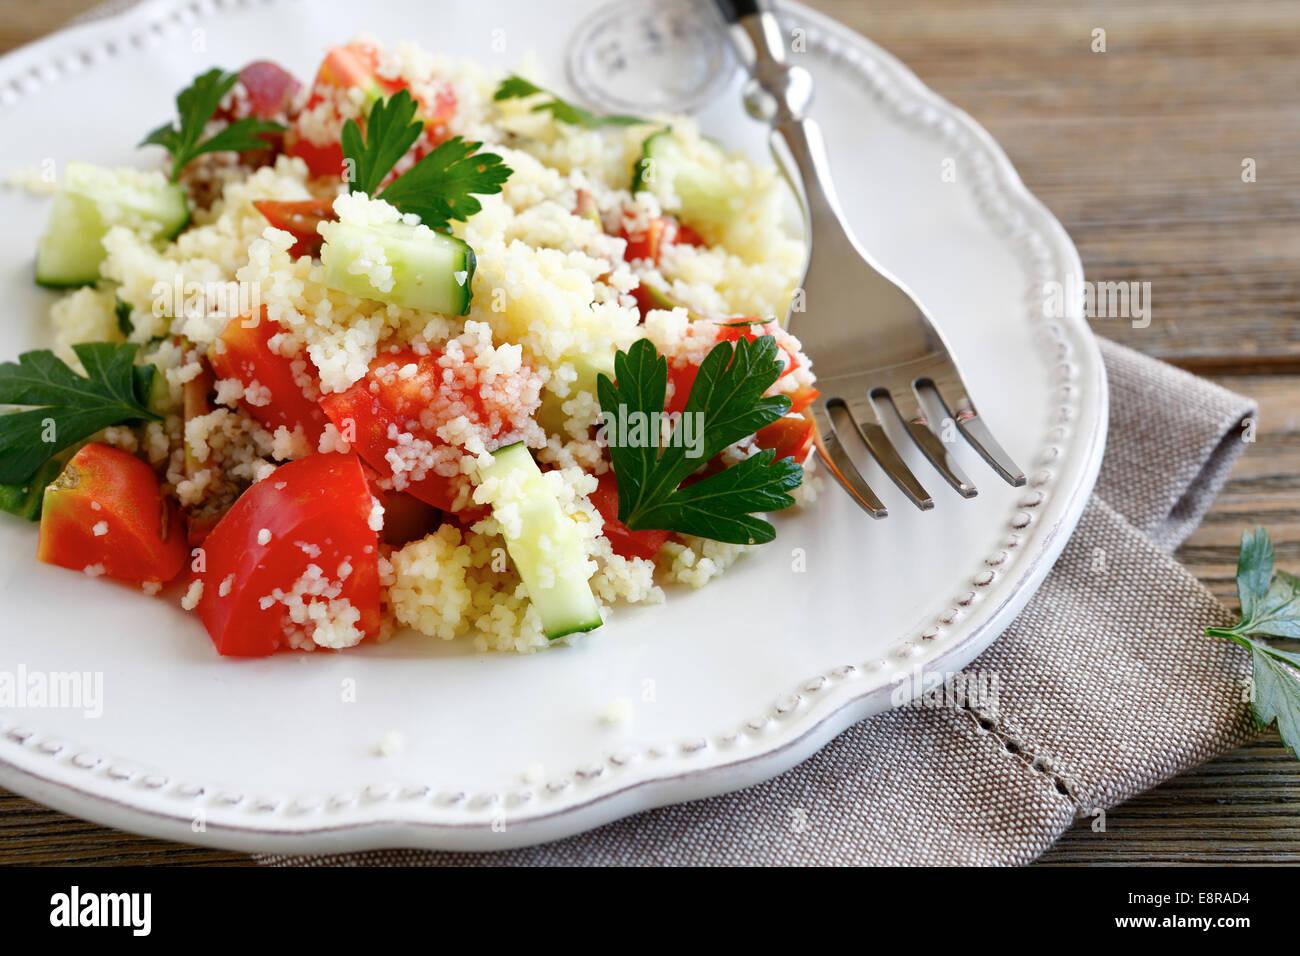 Salat mit Couscous und Gemüse auf einem weißen Teller Essen Nahaufnahme Stockbild